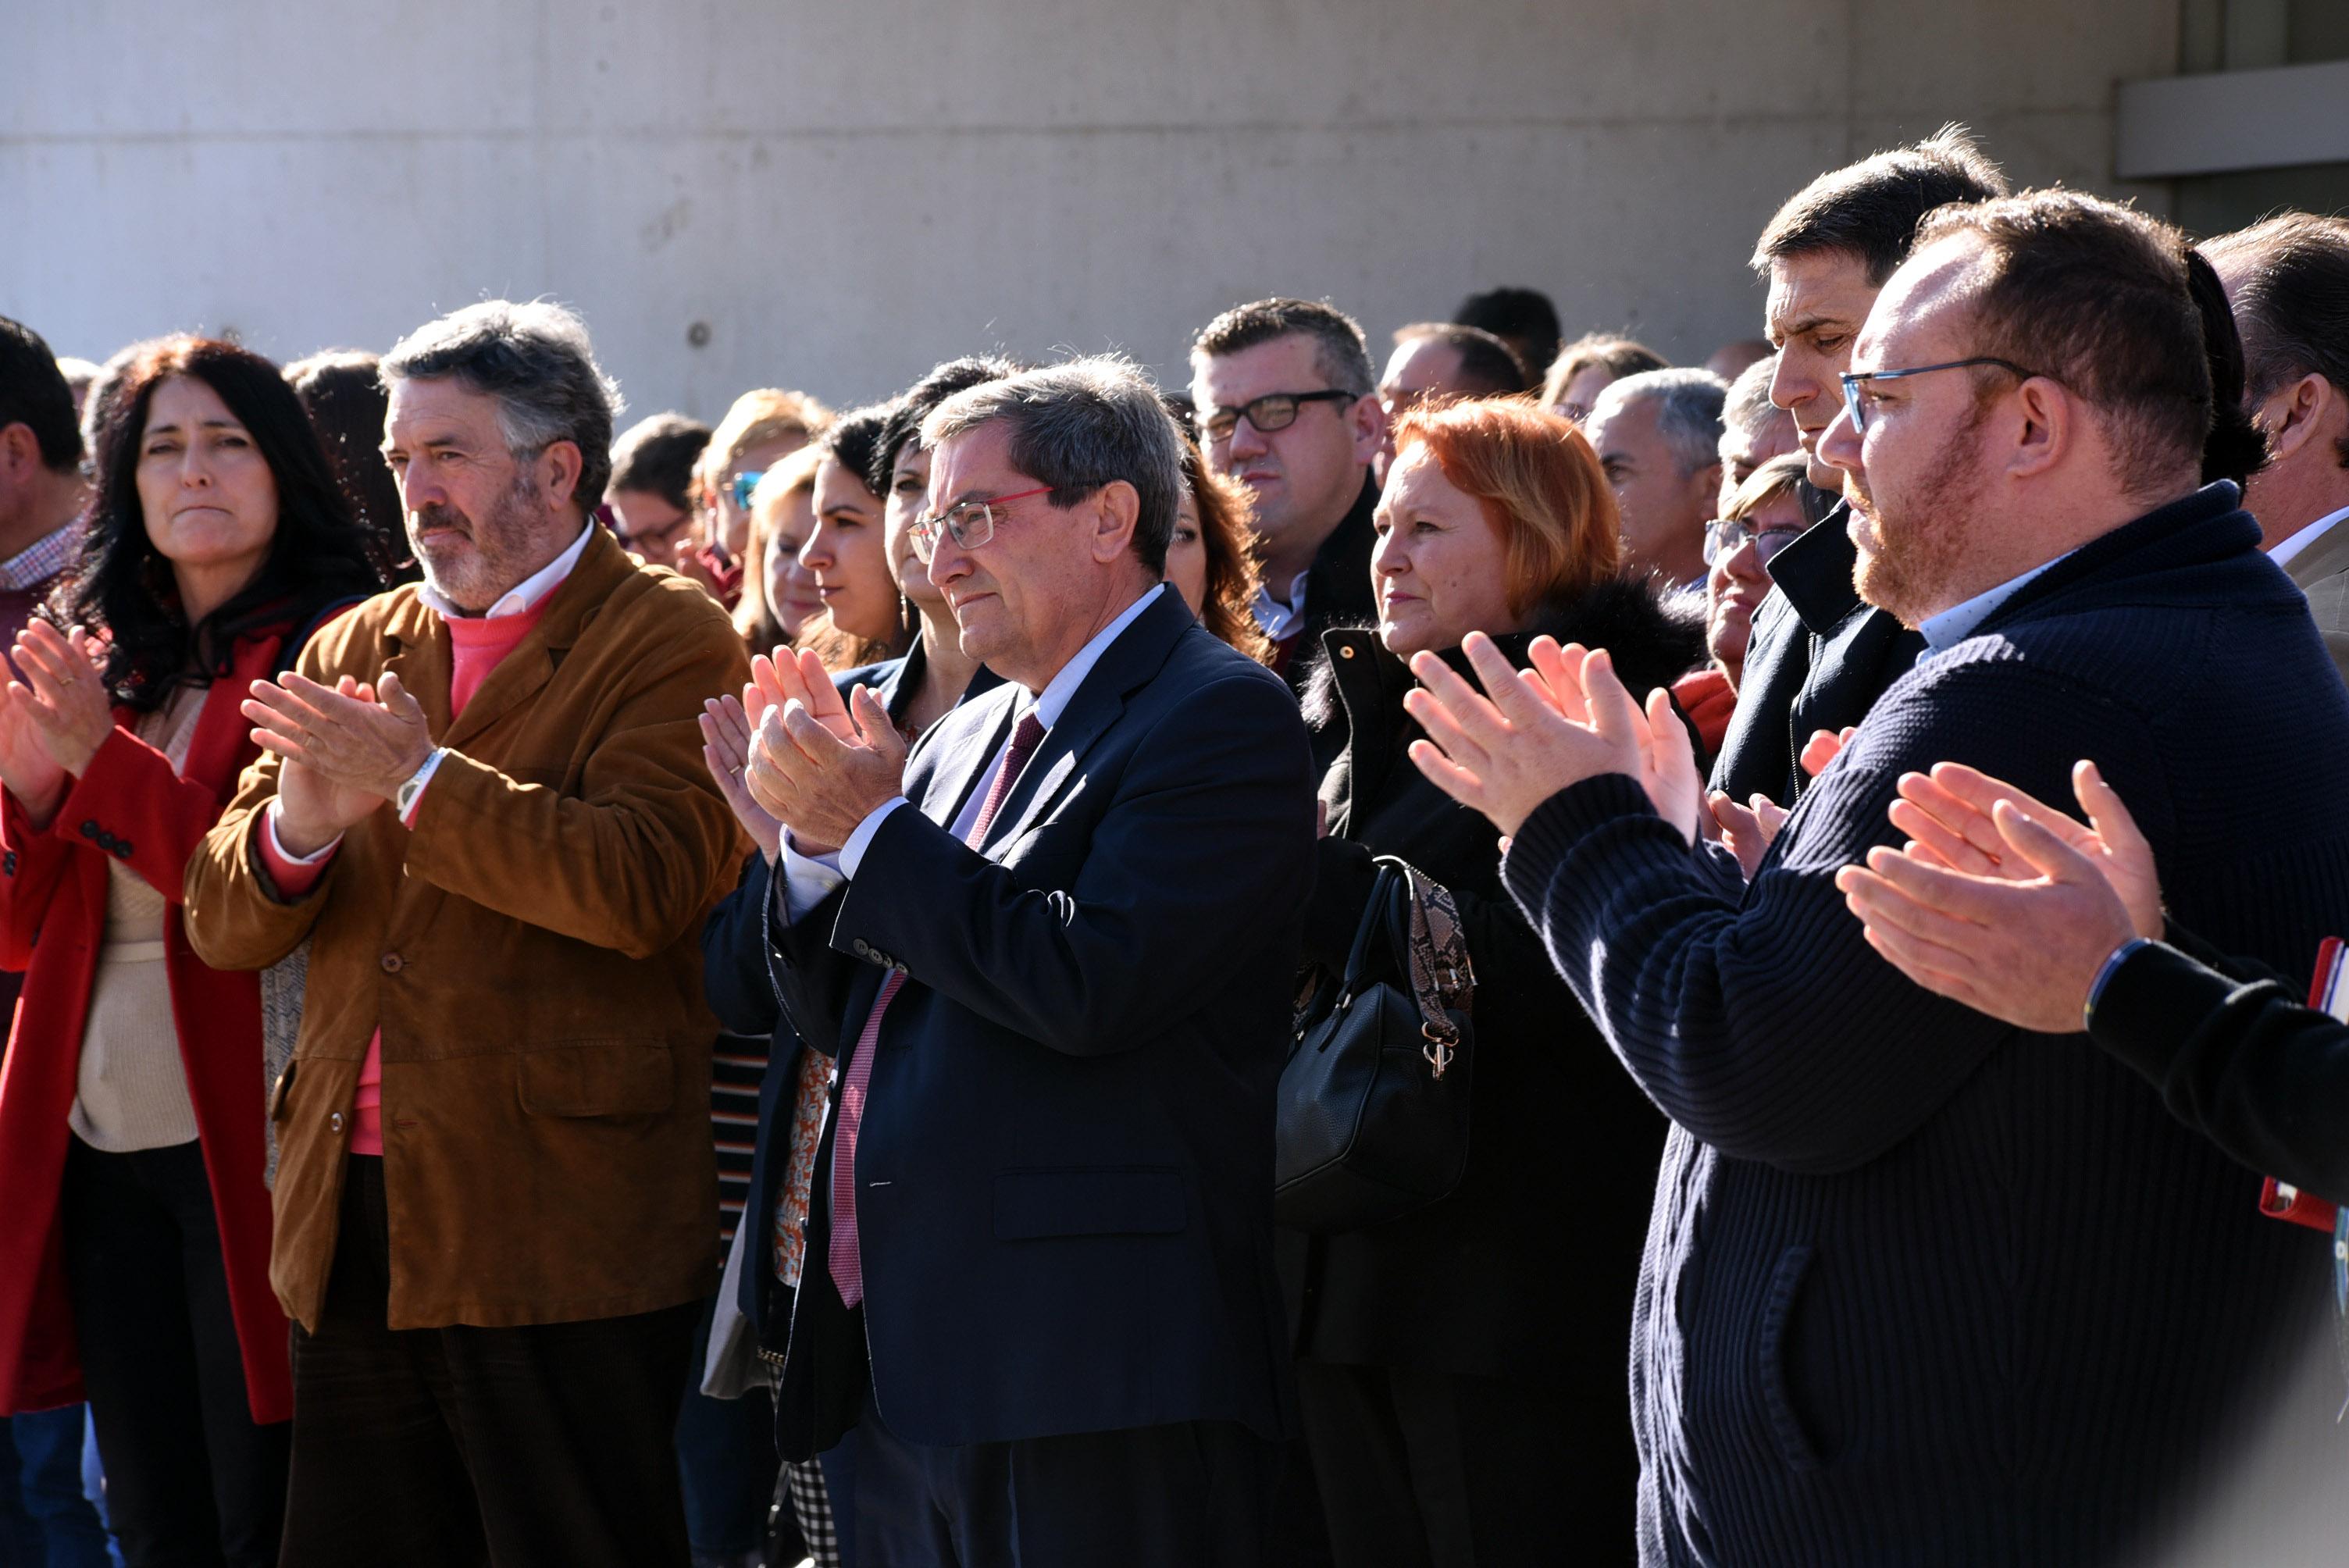 Diputación guarda un minuto de silencio en recuerdo de la última víctima de violencia machista